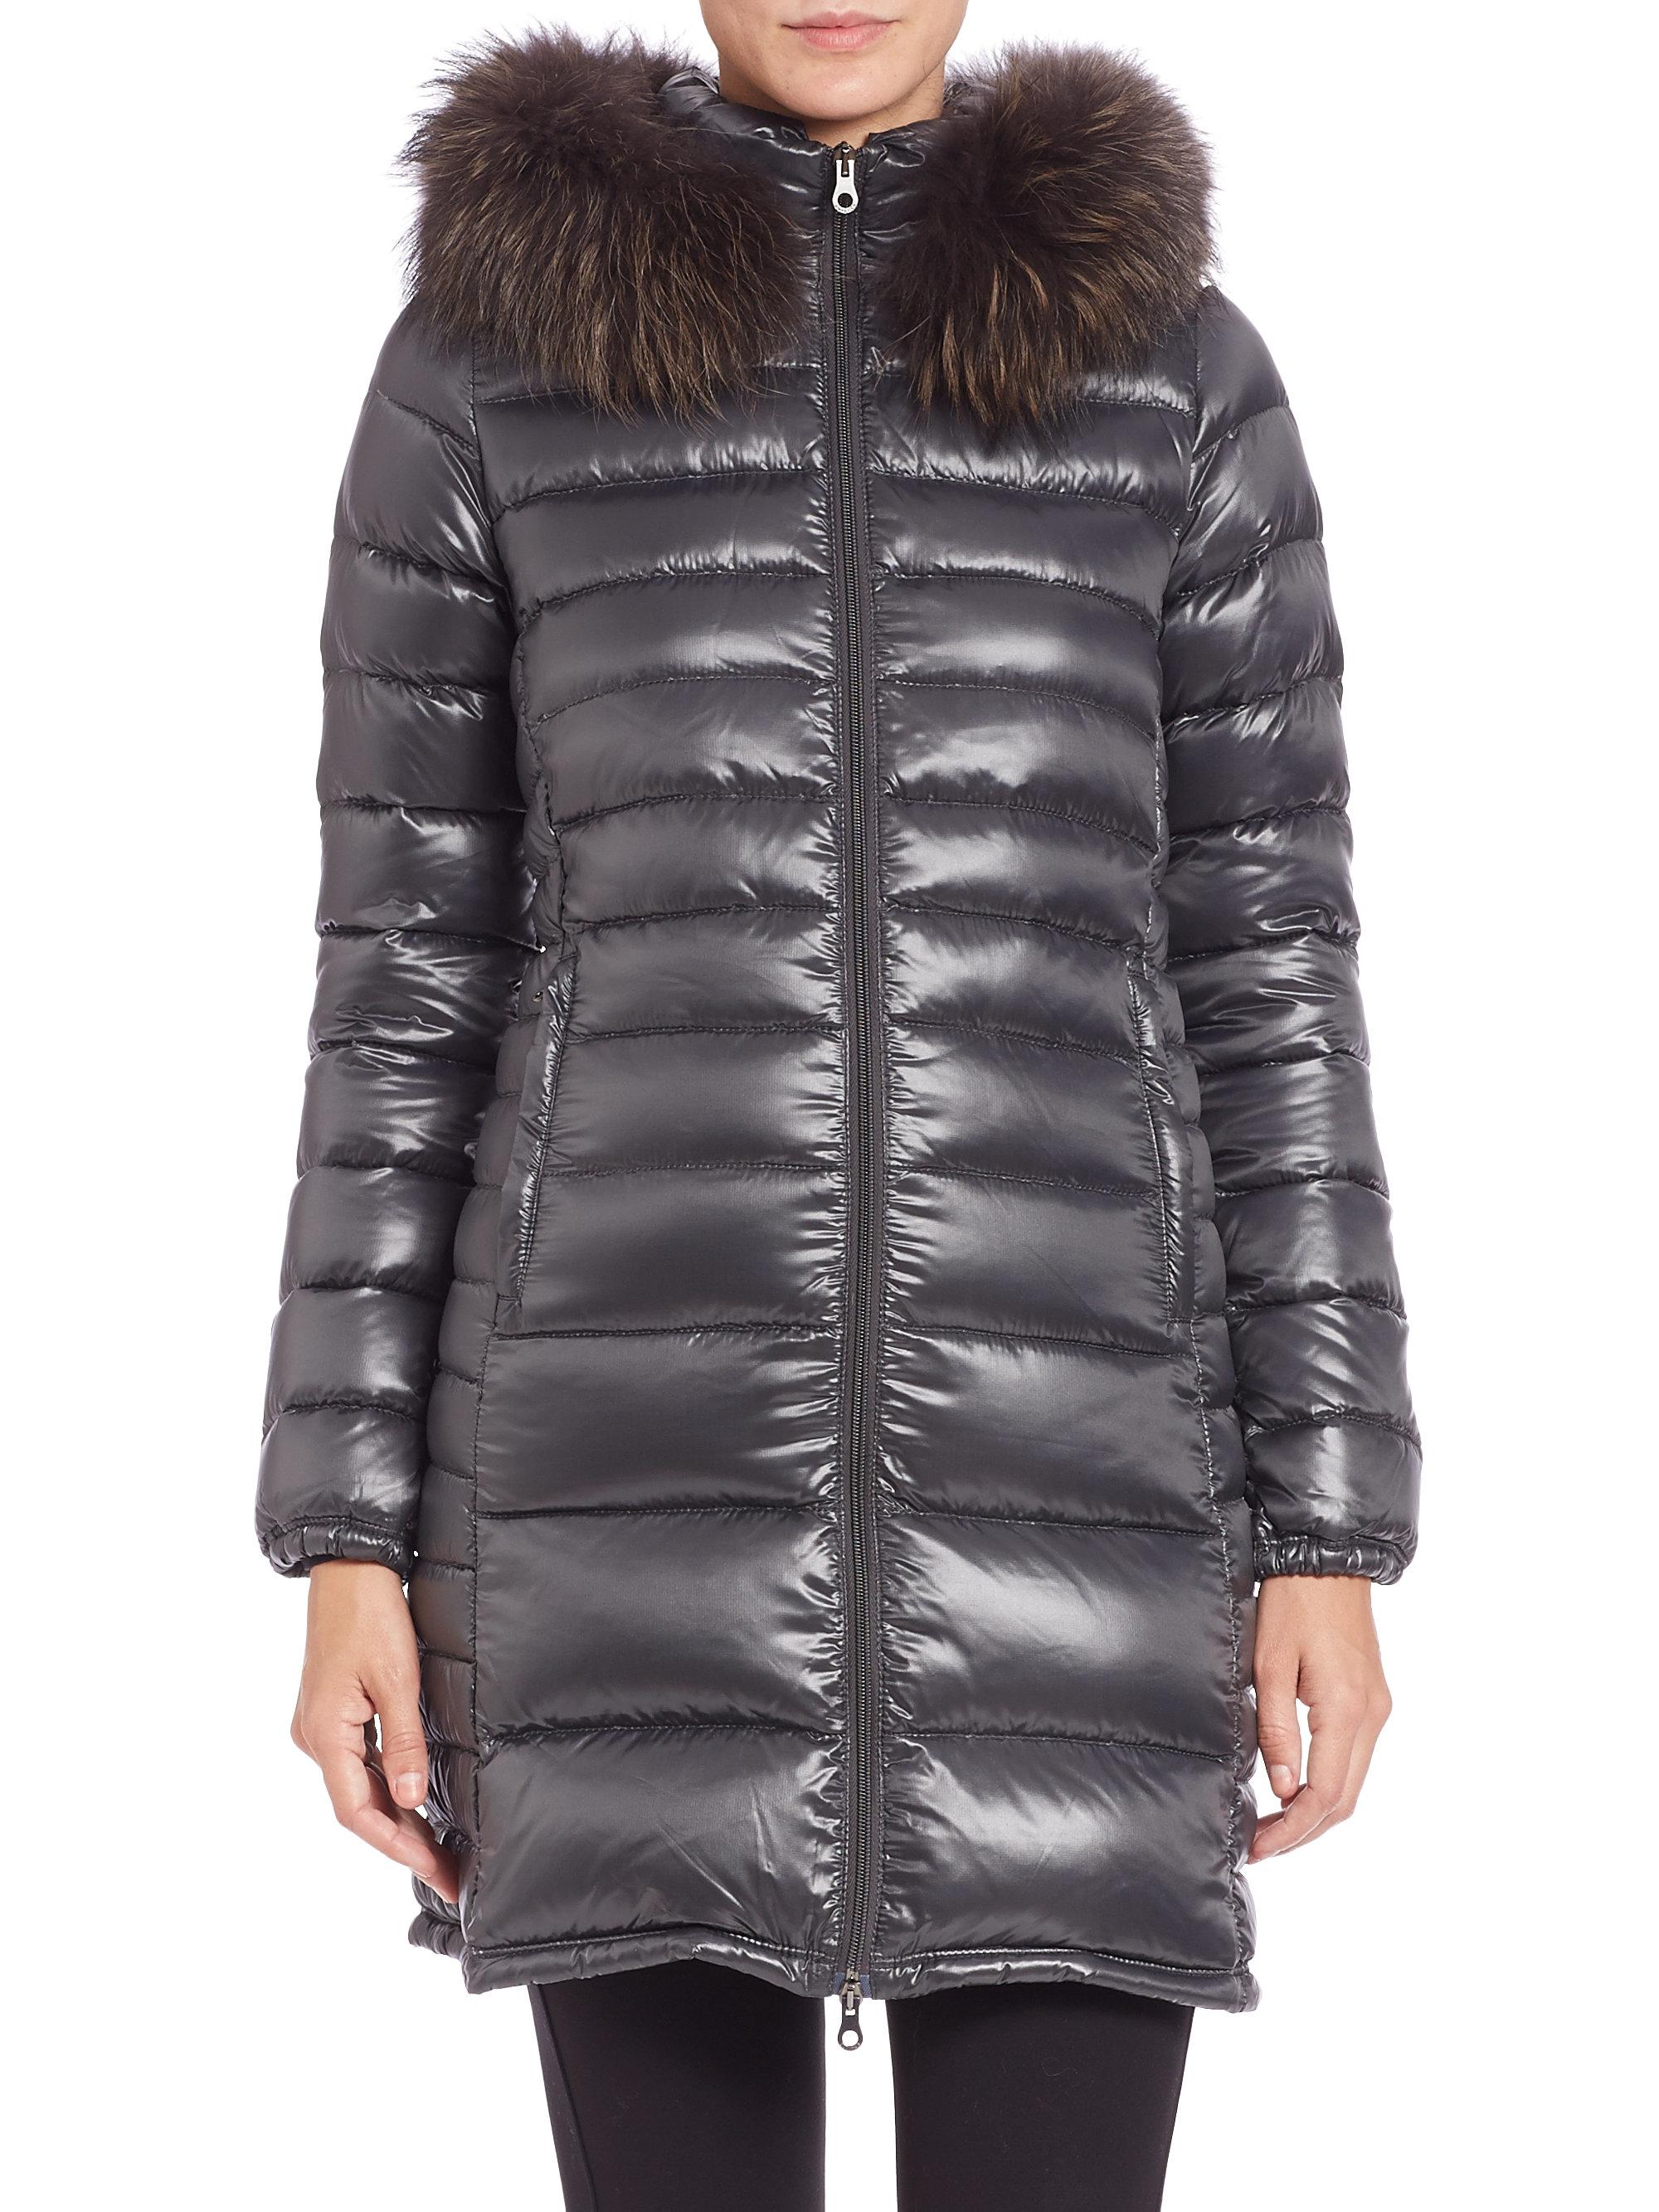 Lyst Duvetica Ociroe Fur Trimmed Puffer Coat In Gray